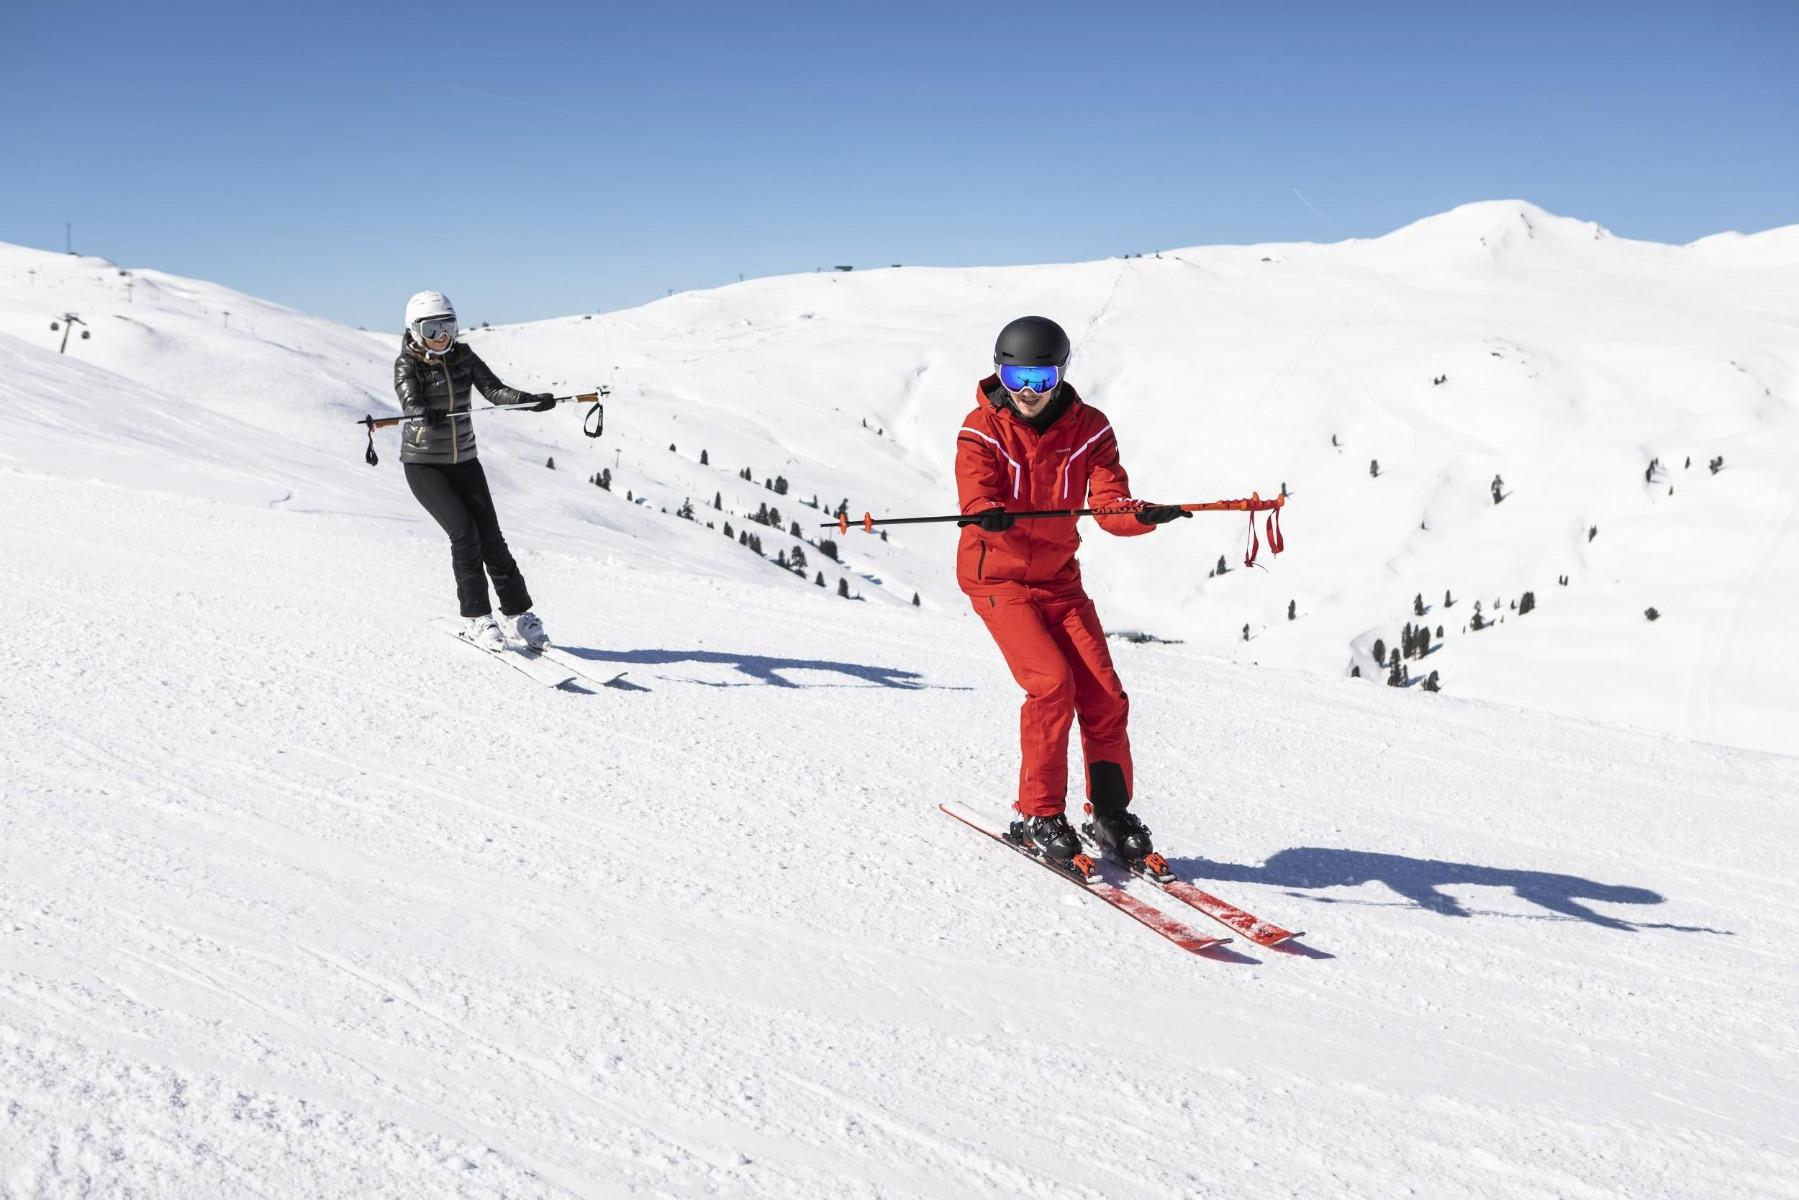 Von einem Skikurs profitieren Skifahrer aller Erfahrungsstufen